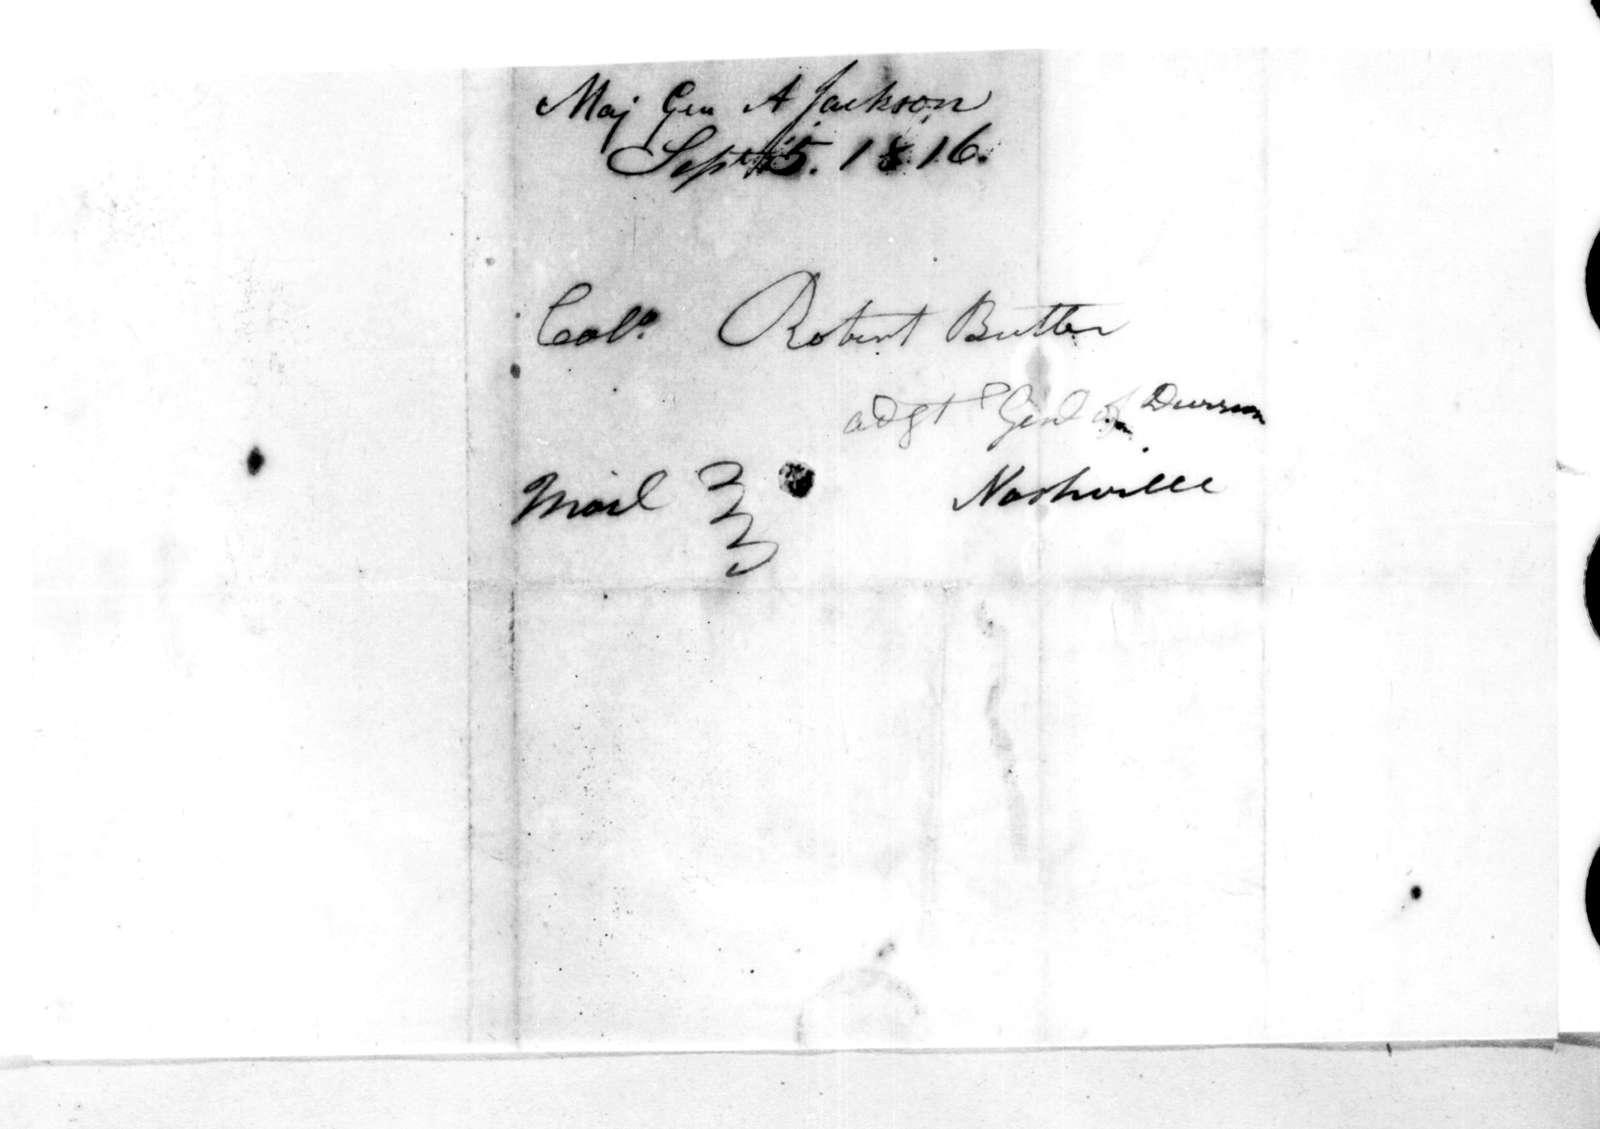 Andrew Jackson to Robert Butler, September 5, 1816